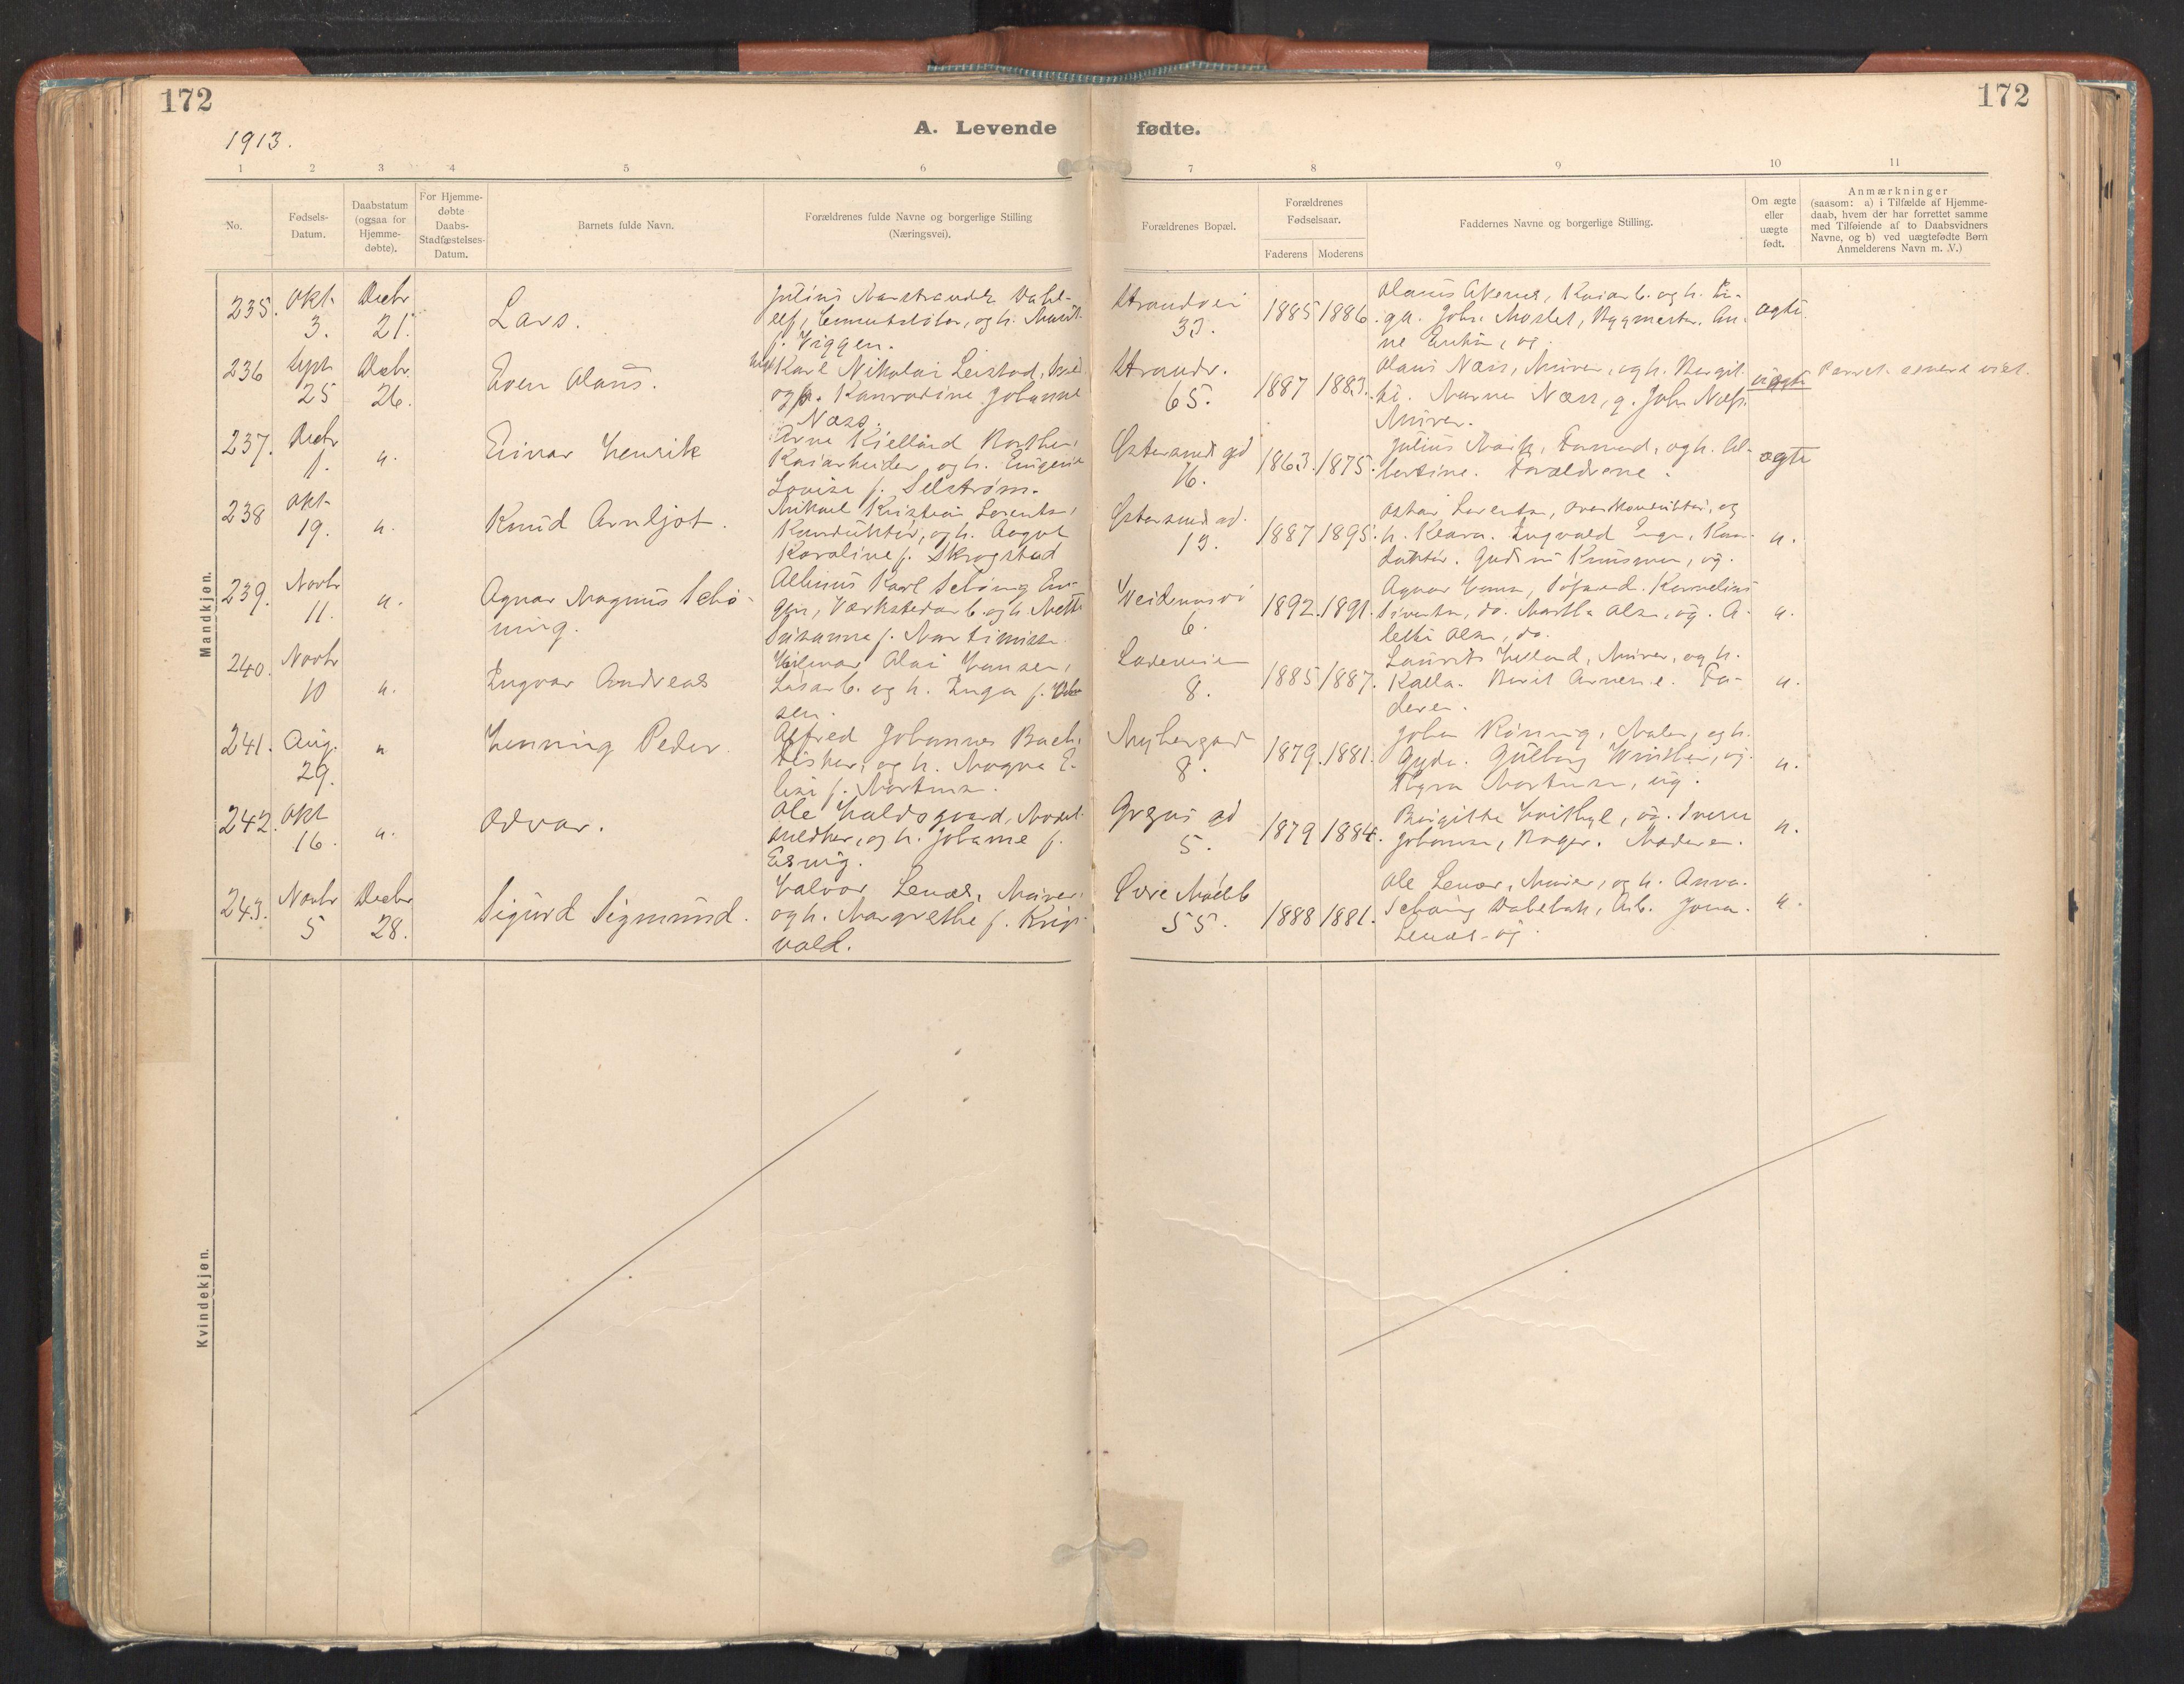 SAT, Ministerialprotokoller, klokkerbøker og fødselsregistre - Sør-Trøndelag, 605/L0243: Ministerialbok nr. 605A05, 1908-1923, s. 172